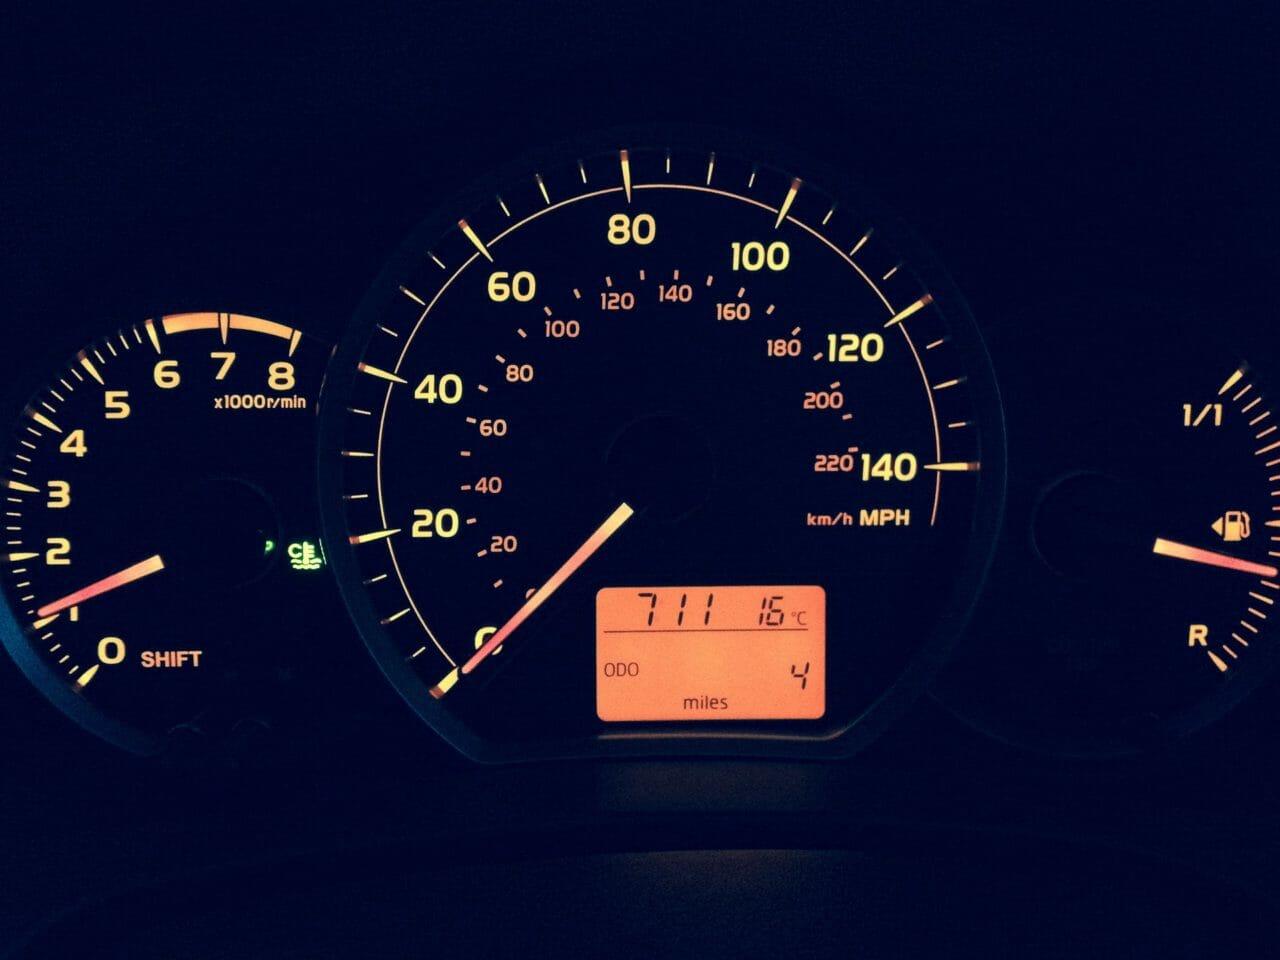 アルトワークスの燃費は悪い?実燃費とカタログ燃費の違いを徹底調査